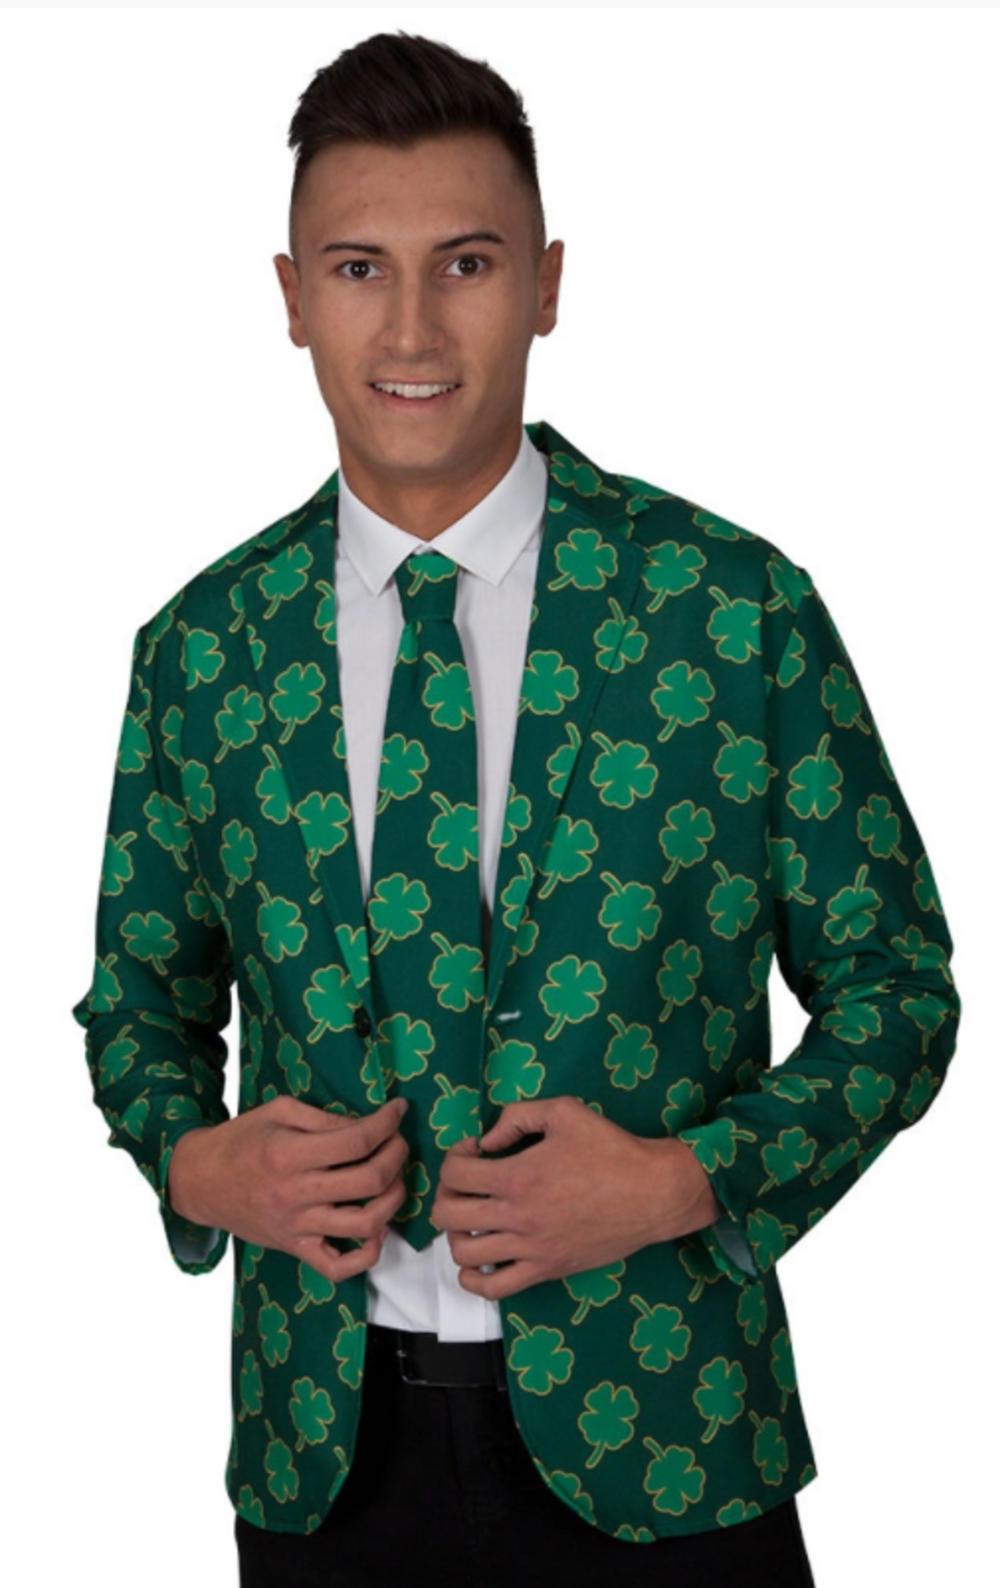 St Patricks Jacket & Tie